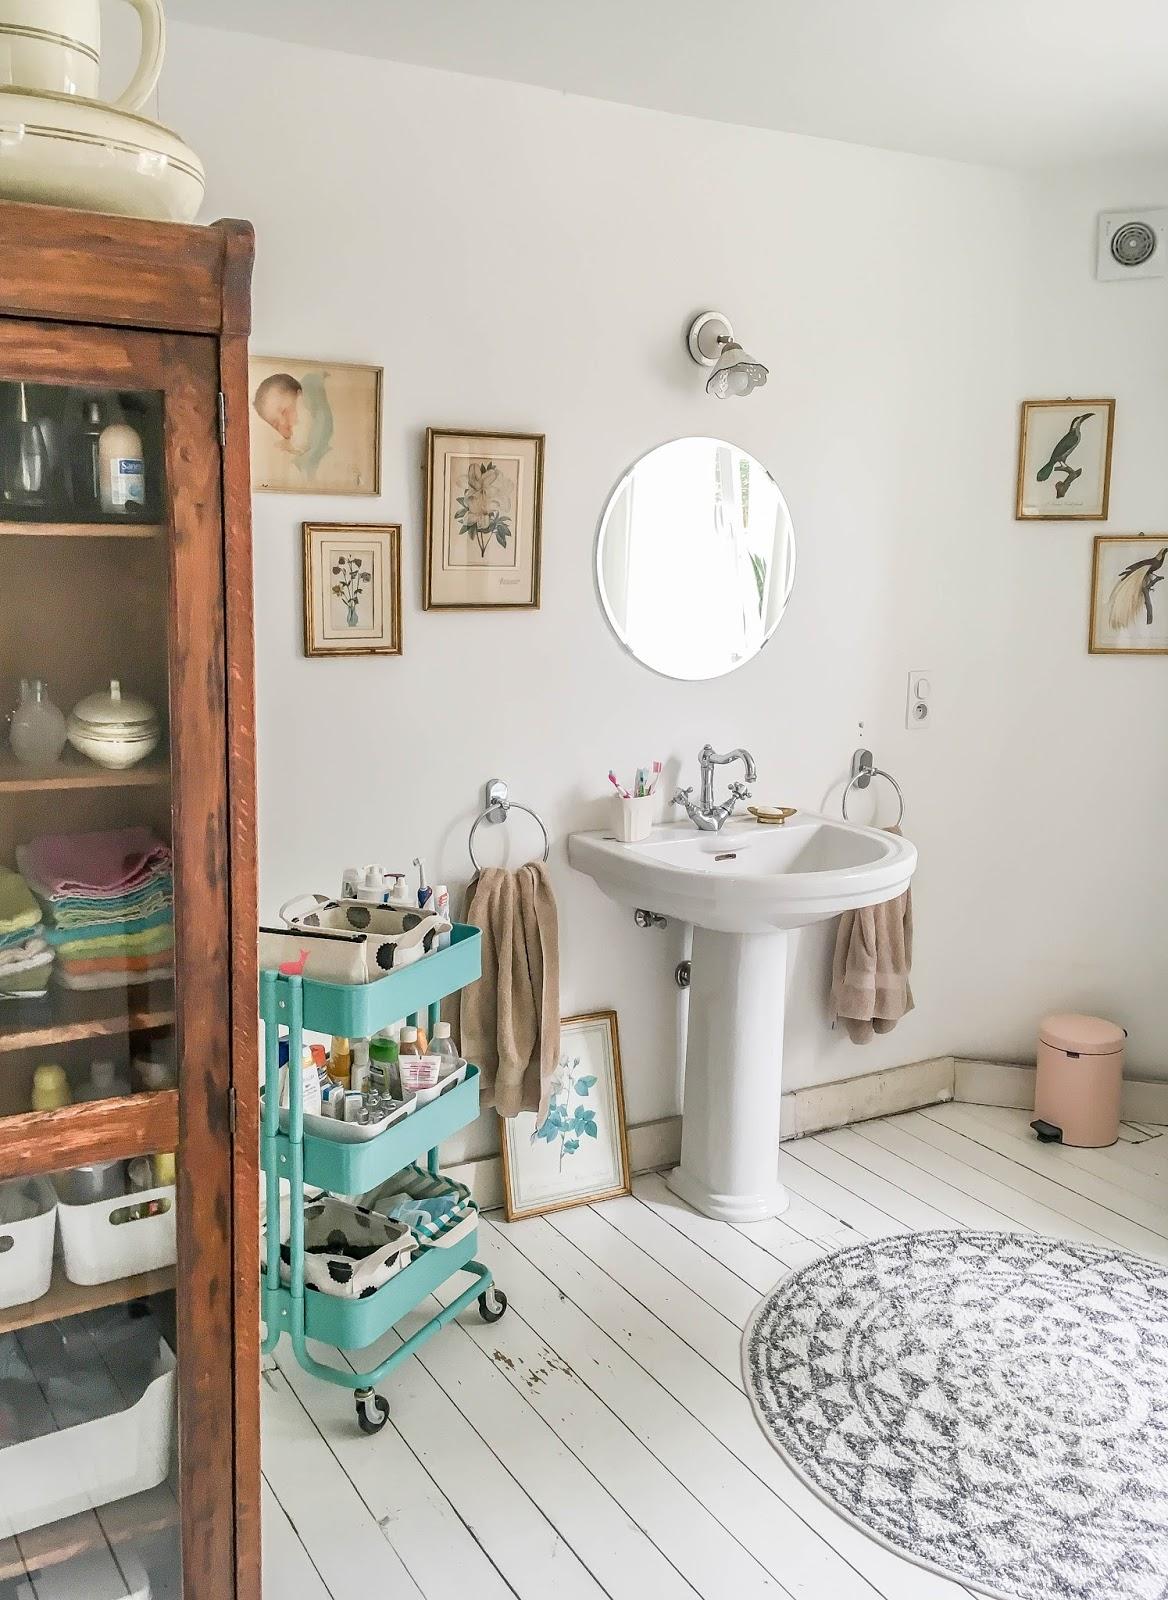 temiet onze goedkope badkamerrenovatie